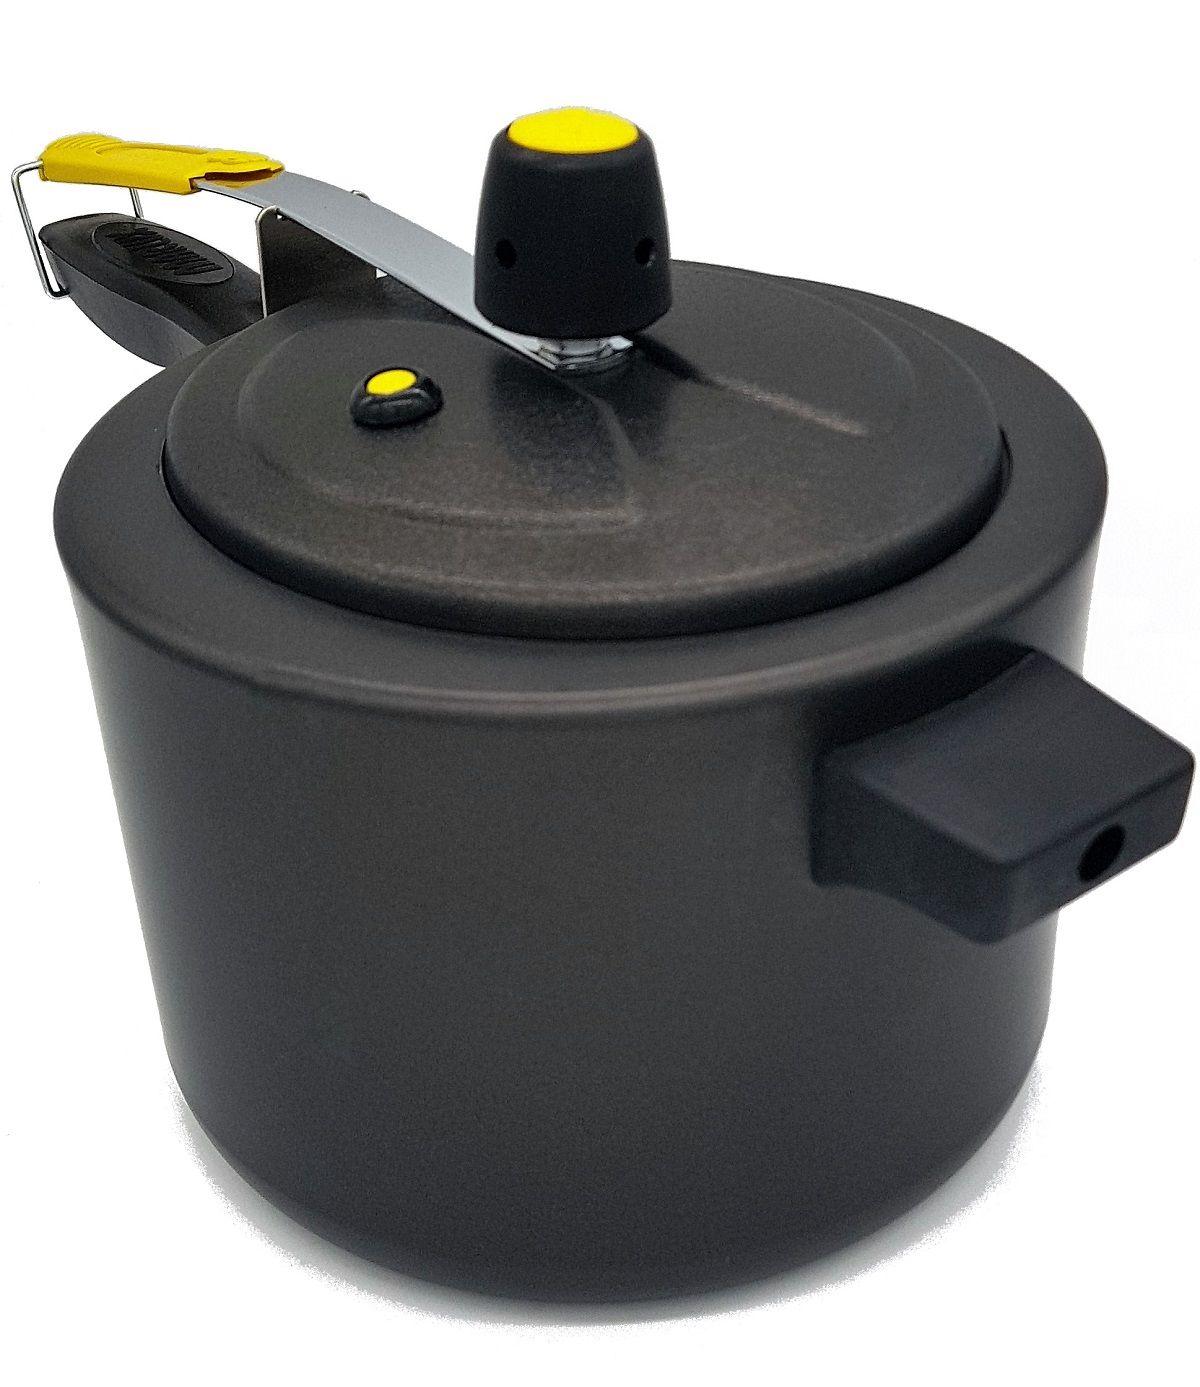 Panela de Pressão 4,5 Litros Antiaderente Marflon - Marlux  - ShopNoroeste.com.br